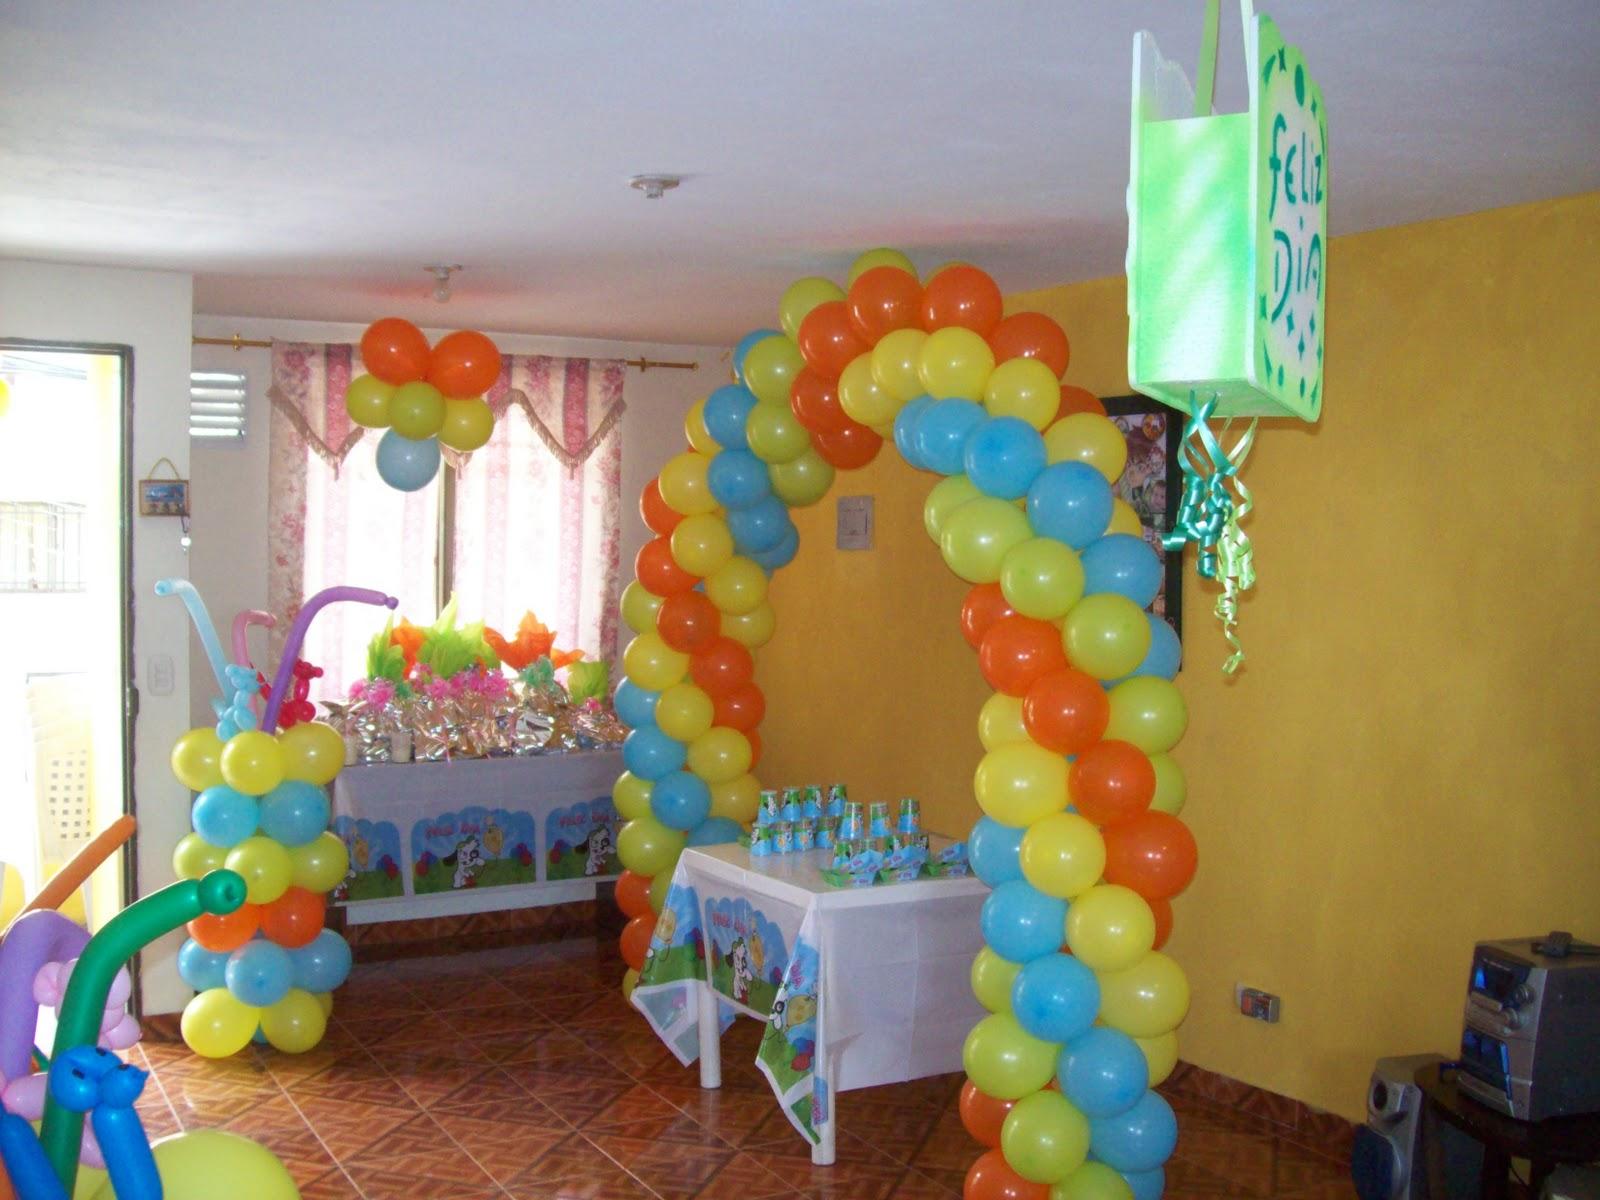 Decoraciones con globos para fiestas infantiles imagenes for Decoracion con fotos